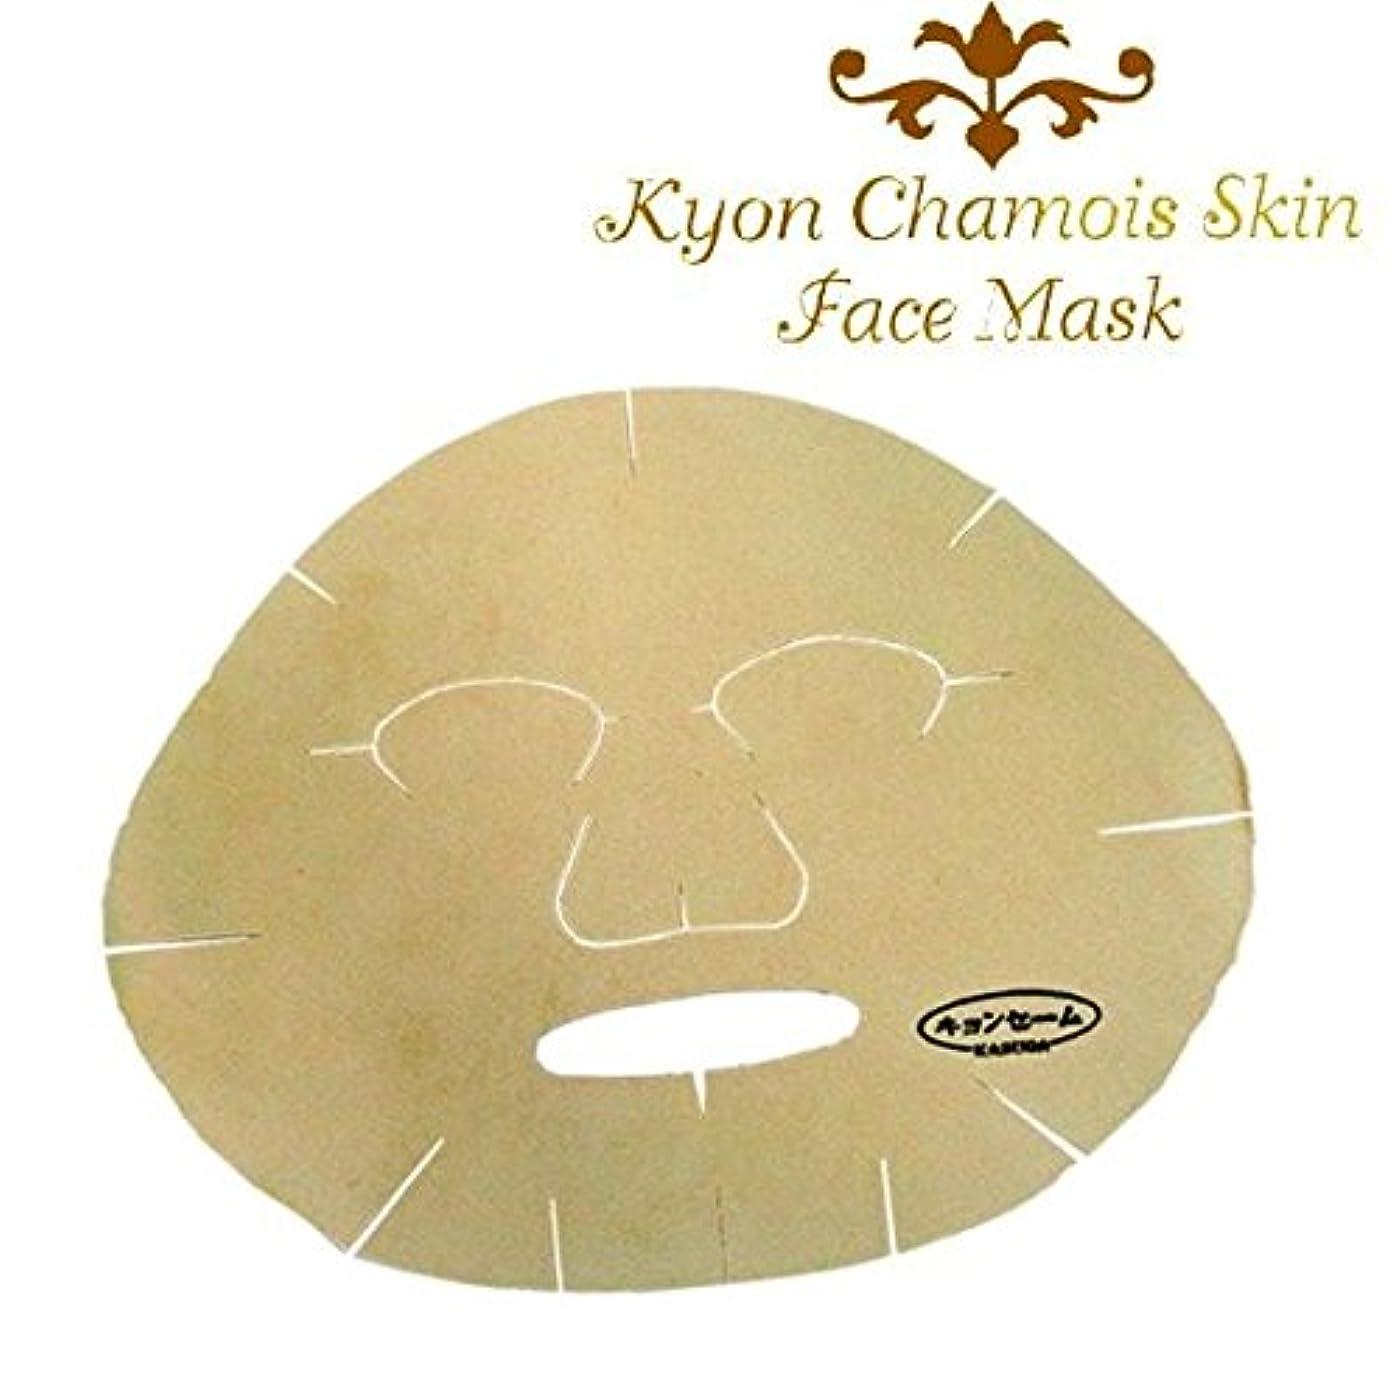 夕食を作る逃れるグラフ春日 スキンケア用キョンセーム フェイスマスク